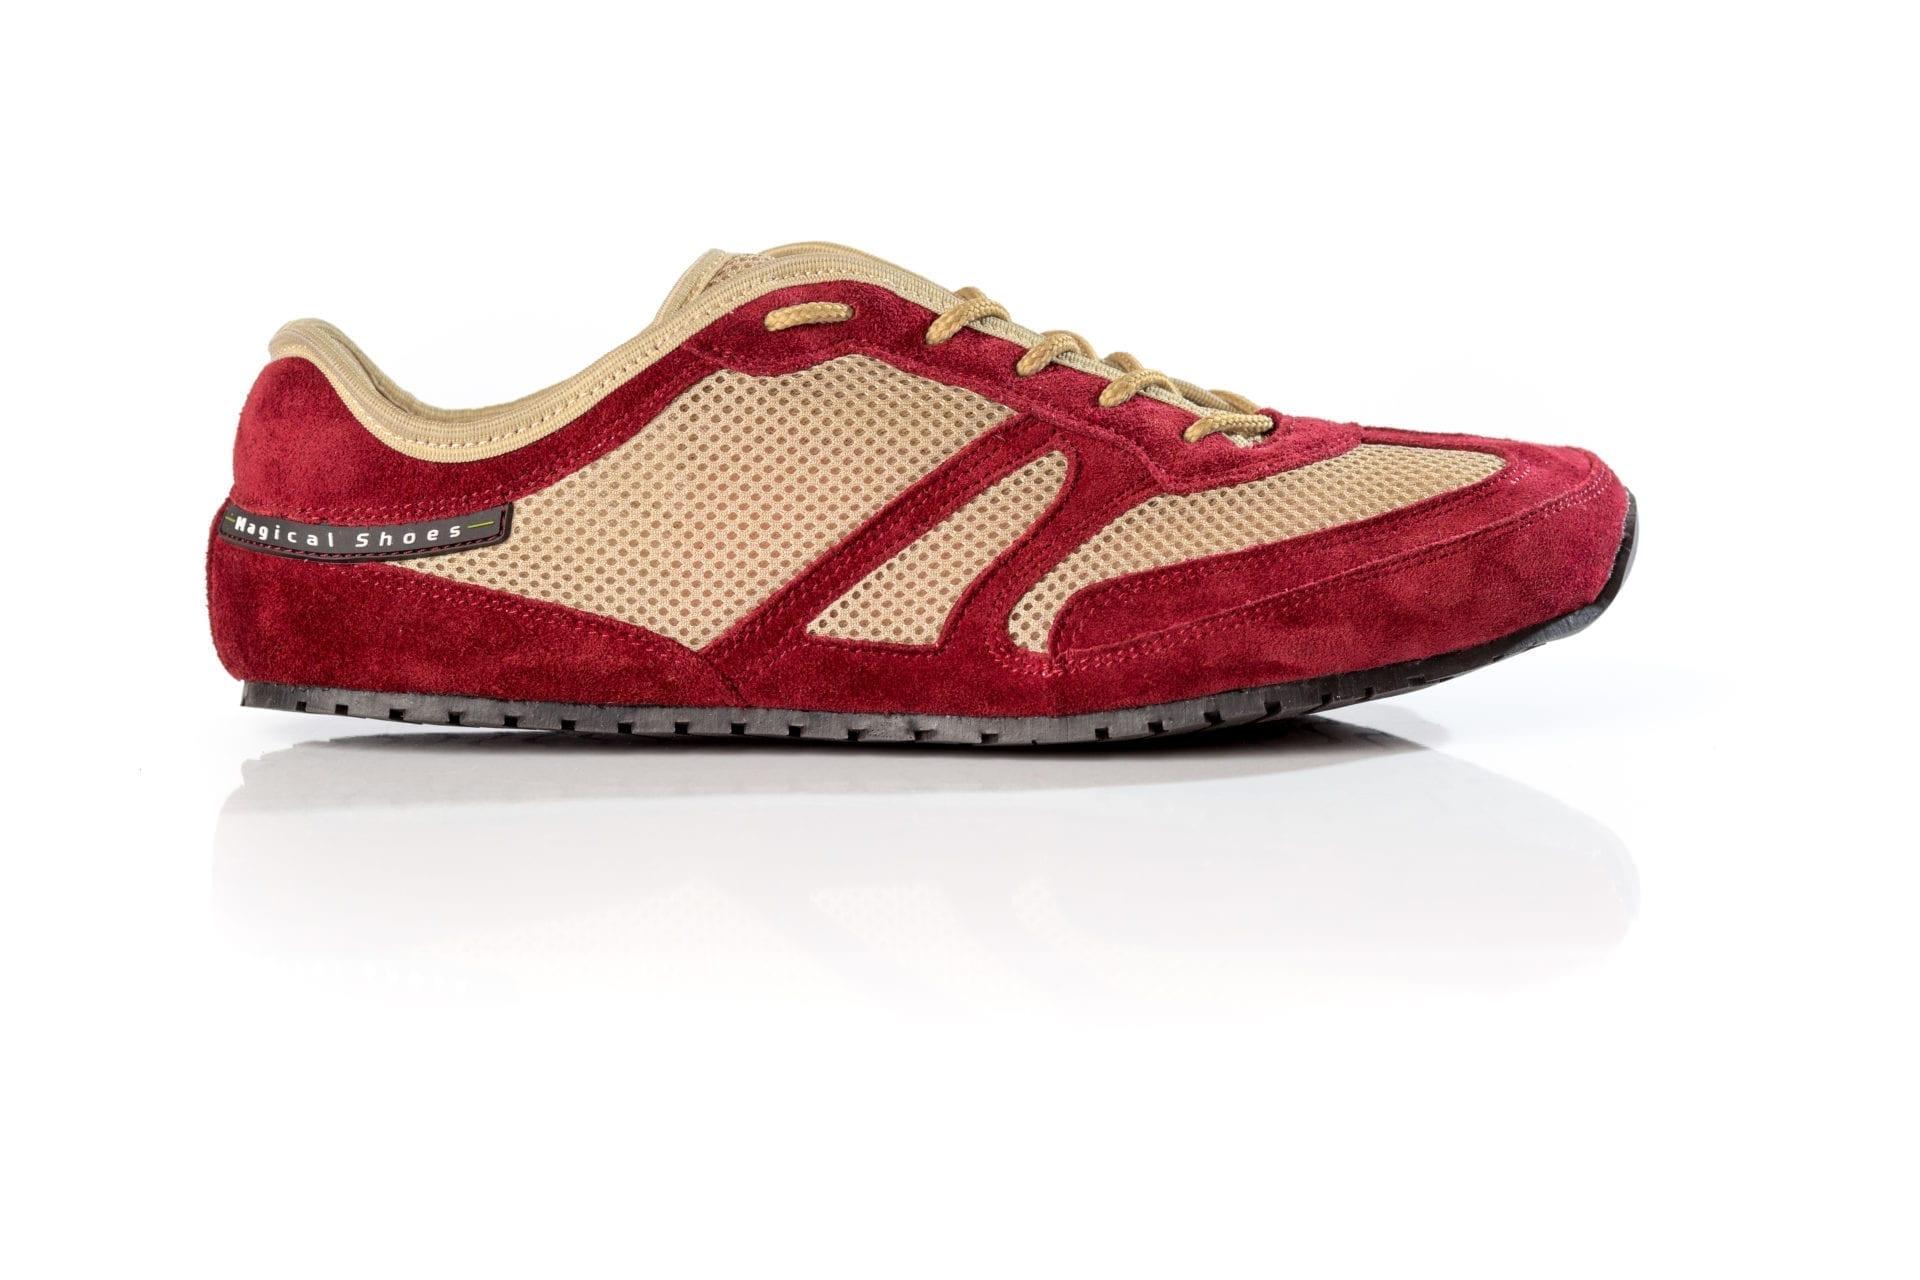 Bosky, bosování, naboso, neboli bosá chůze běžecká obuv naboso boty pro přirozený běh chůze široká obuv pohodlná obuv obuv přírodní